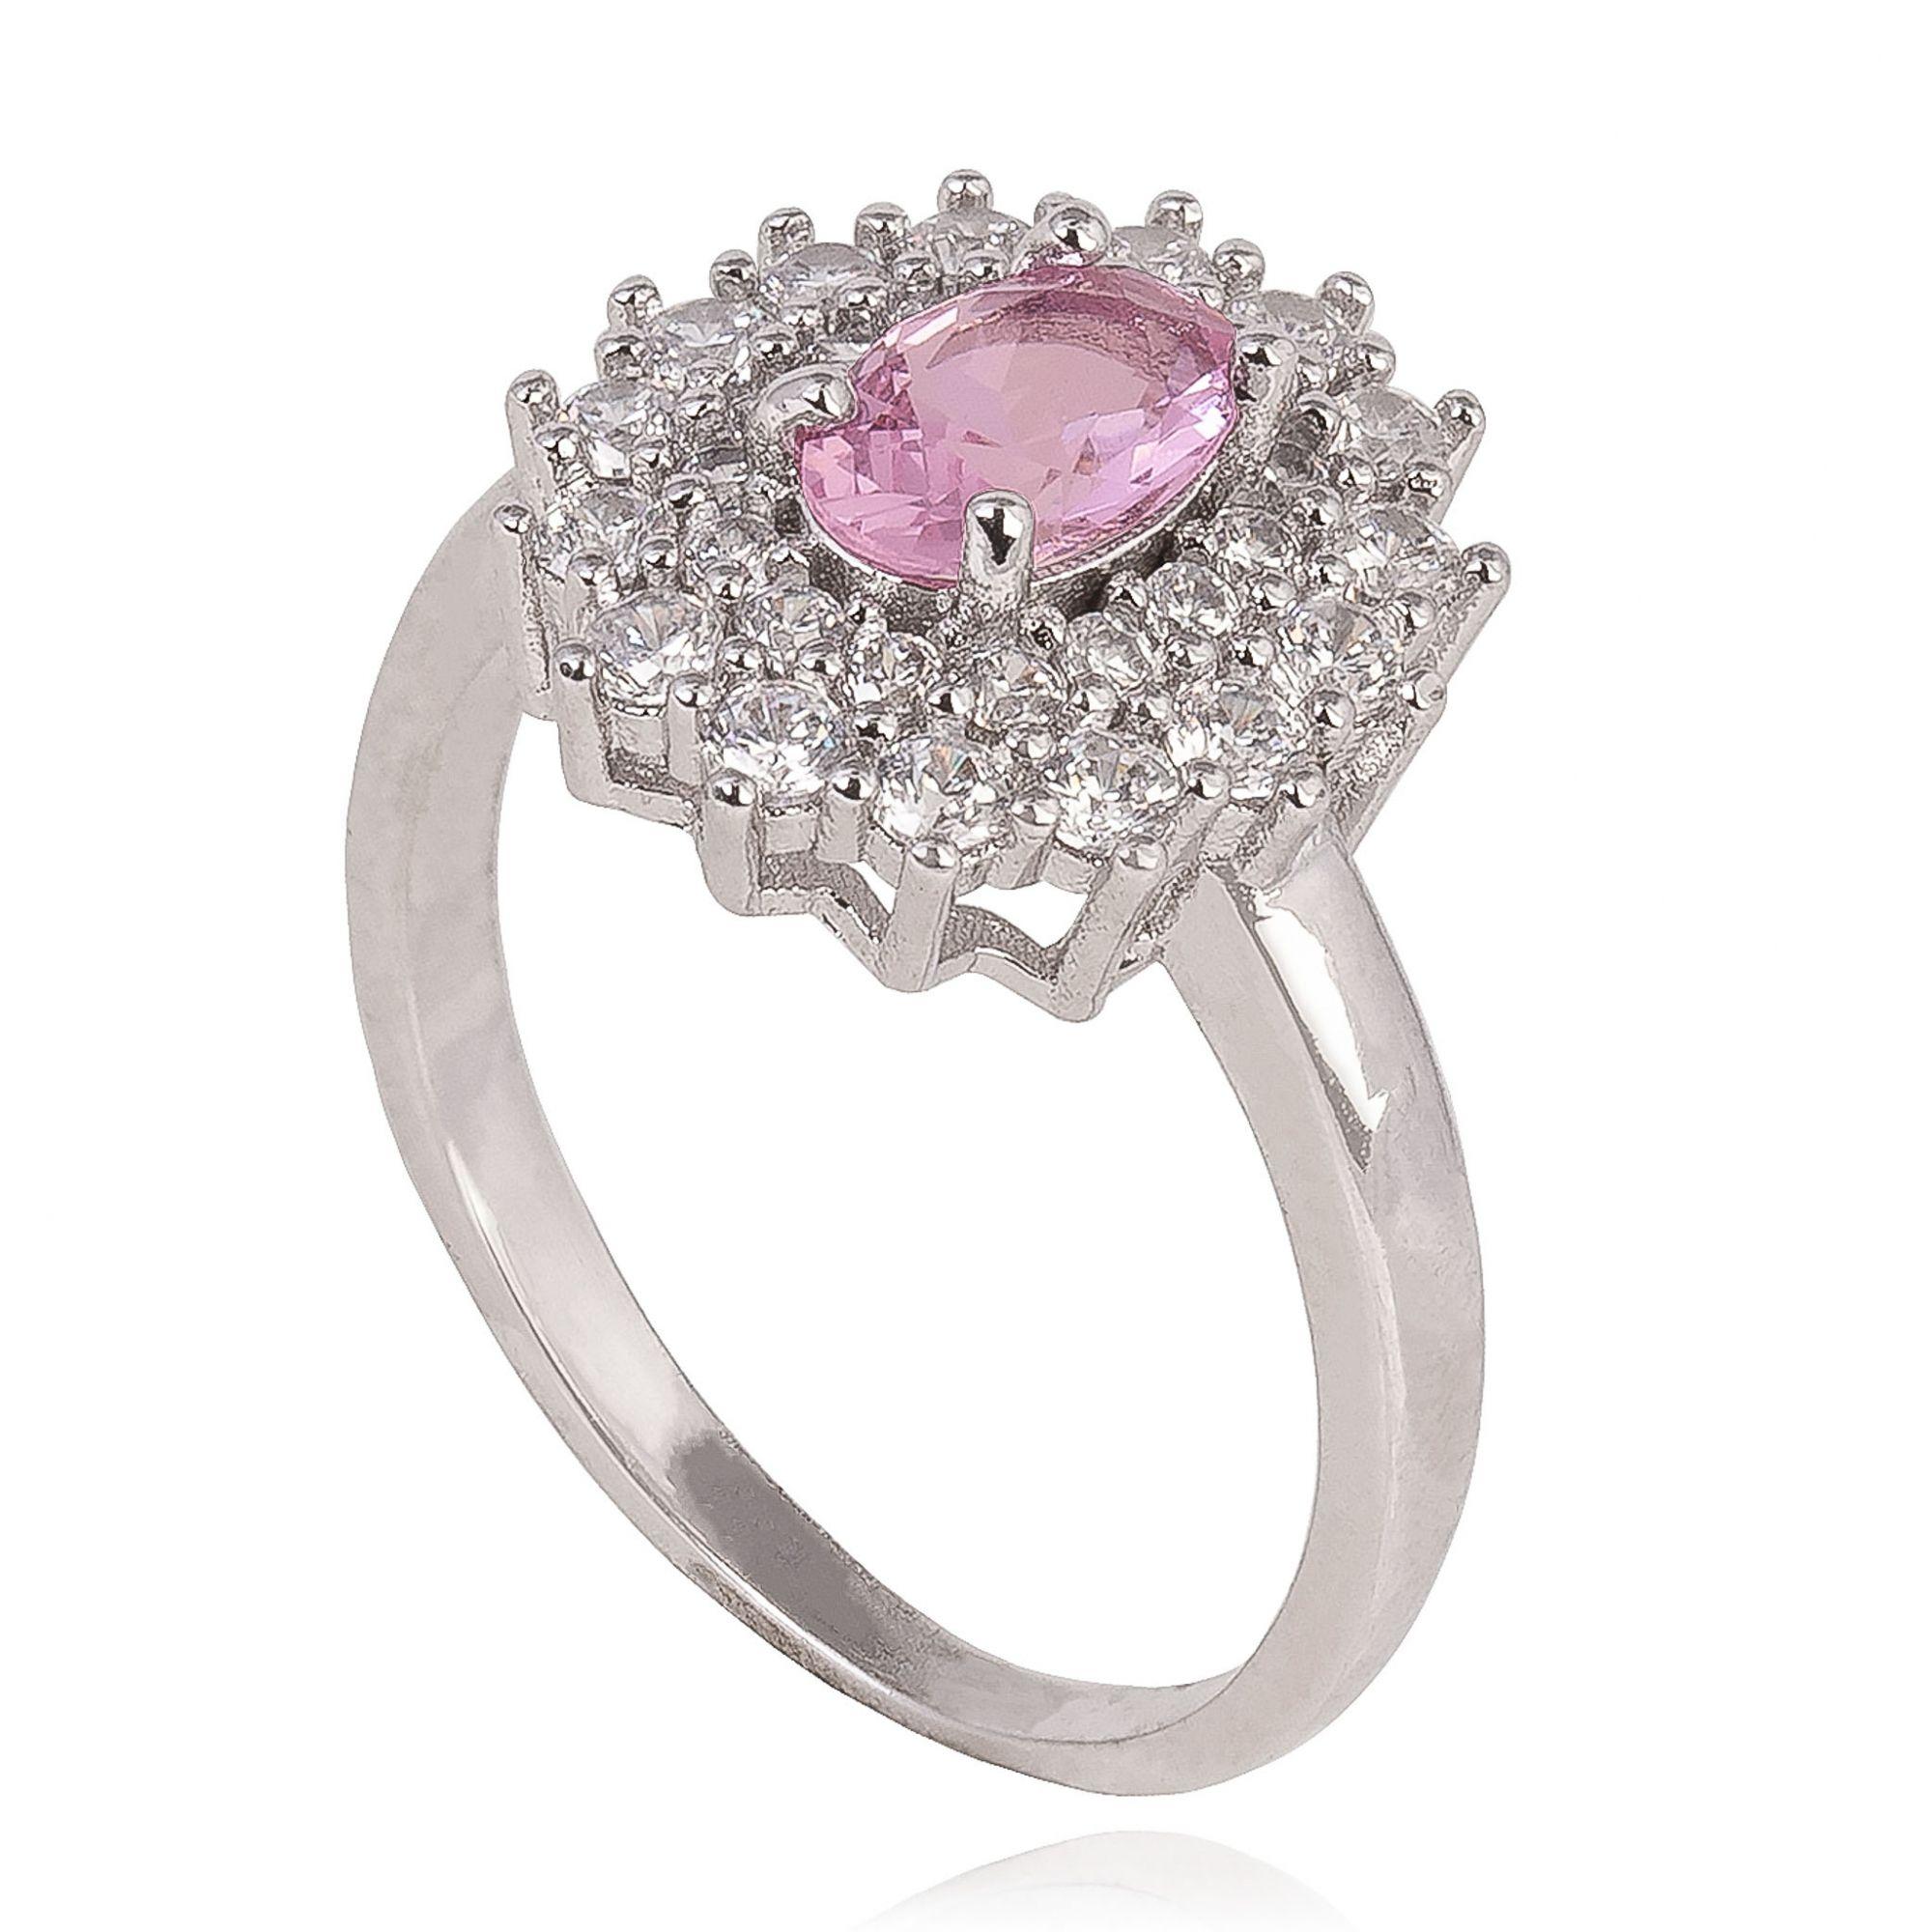 Anel com zircônias cristais e cor de rosa banho de ródio.  - bfdecor.com.br